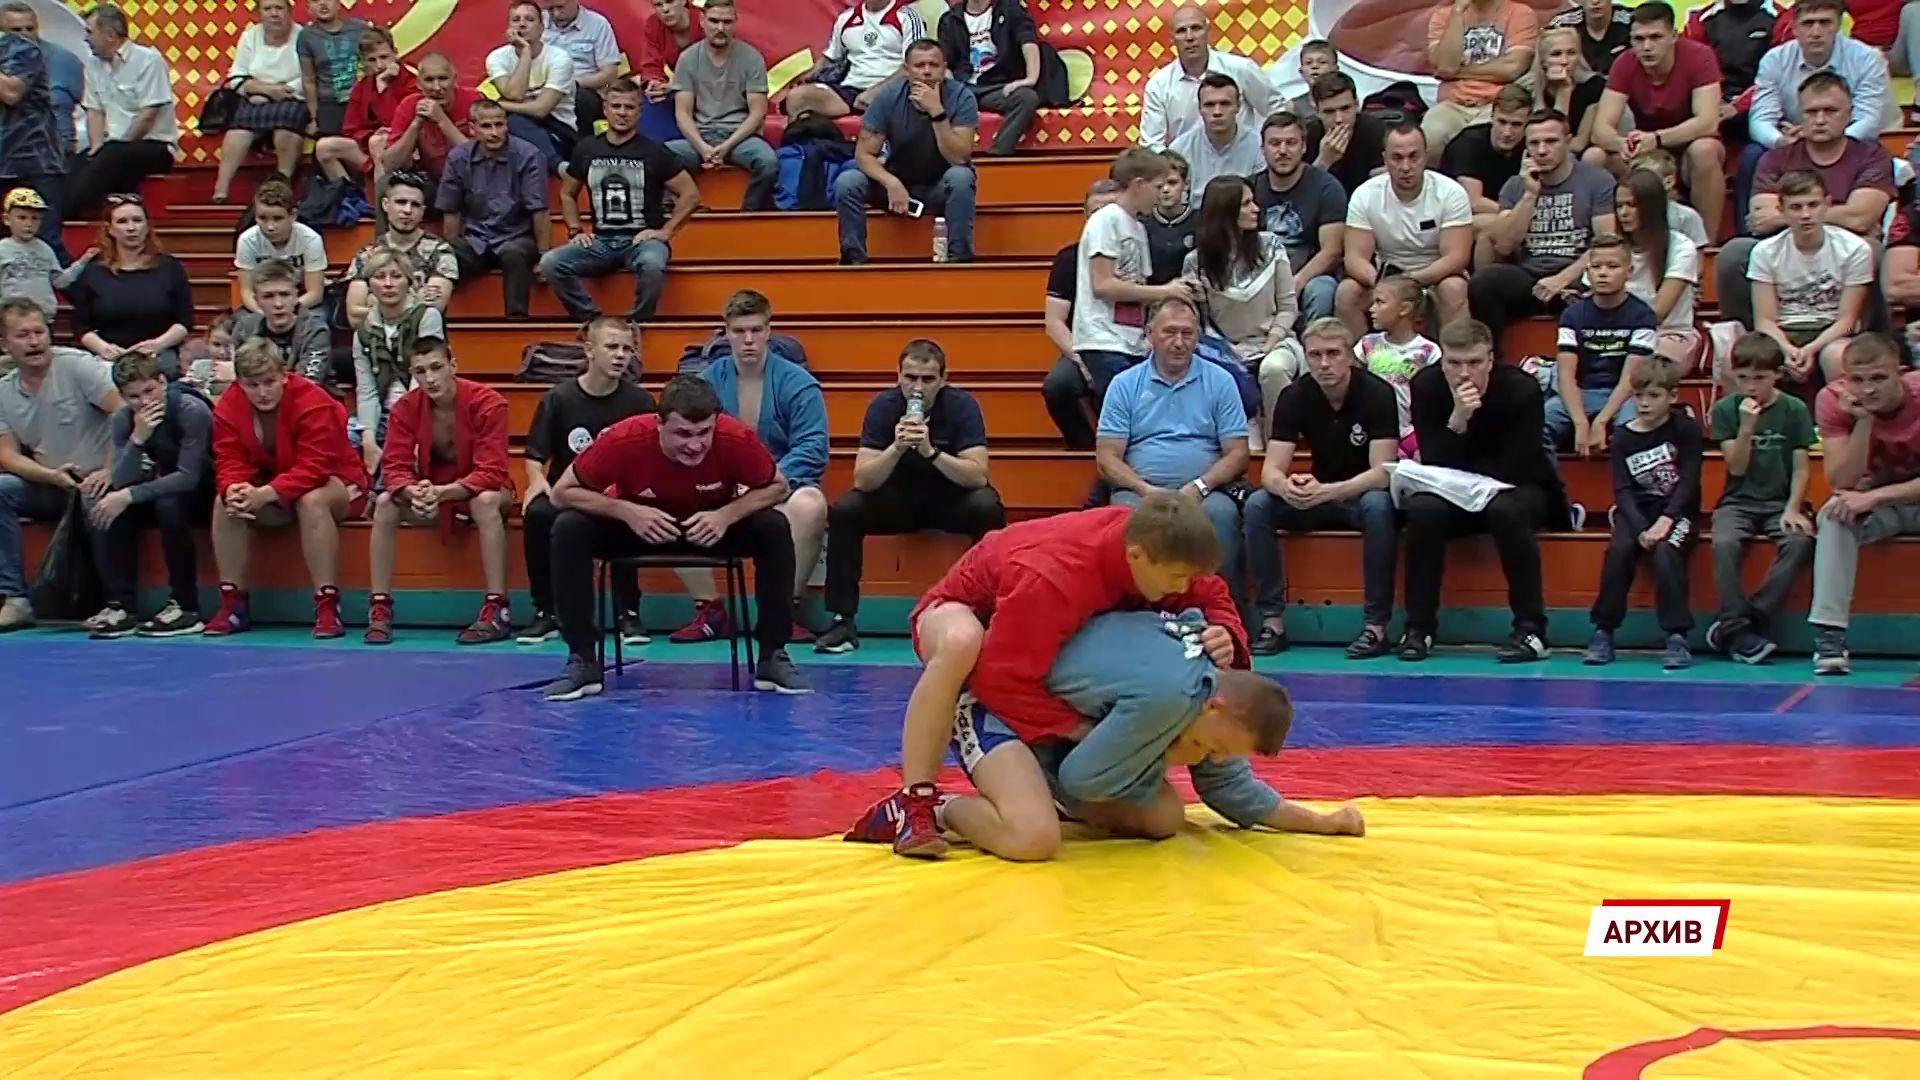 Ярославские самбисты успешно выступили на всероссийском турнире